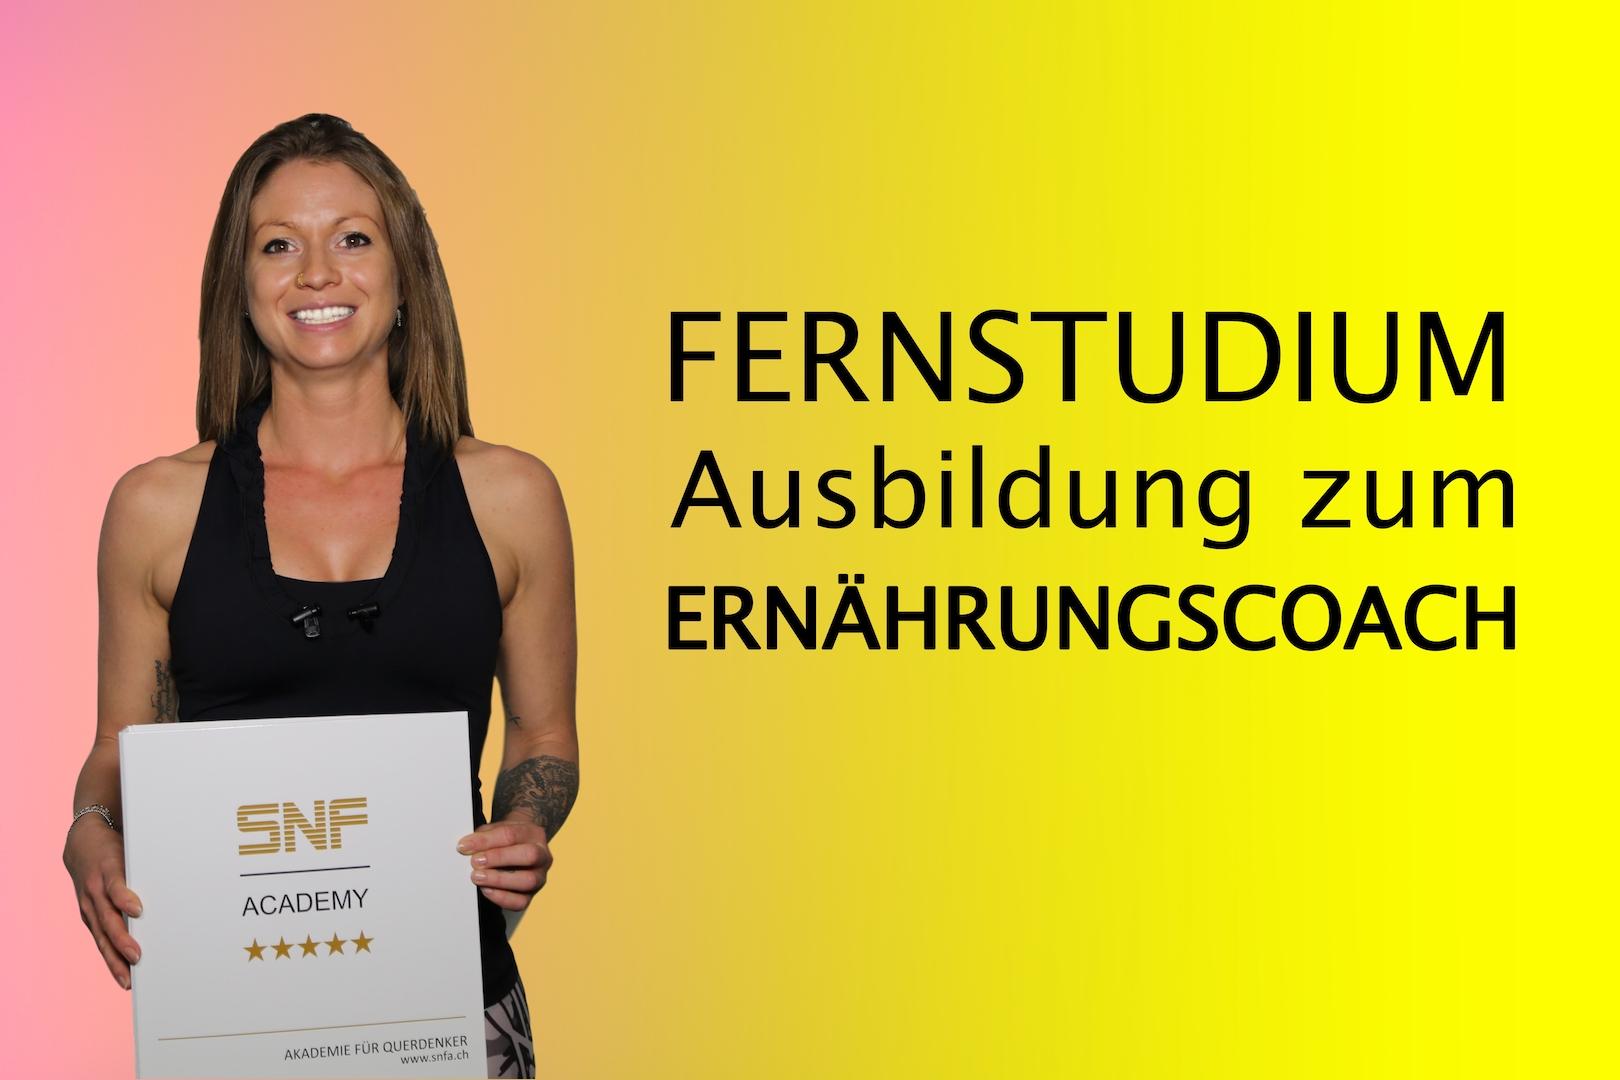 ERNÄHRUNGSCOACH_FERNSTUDIUM